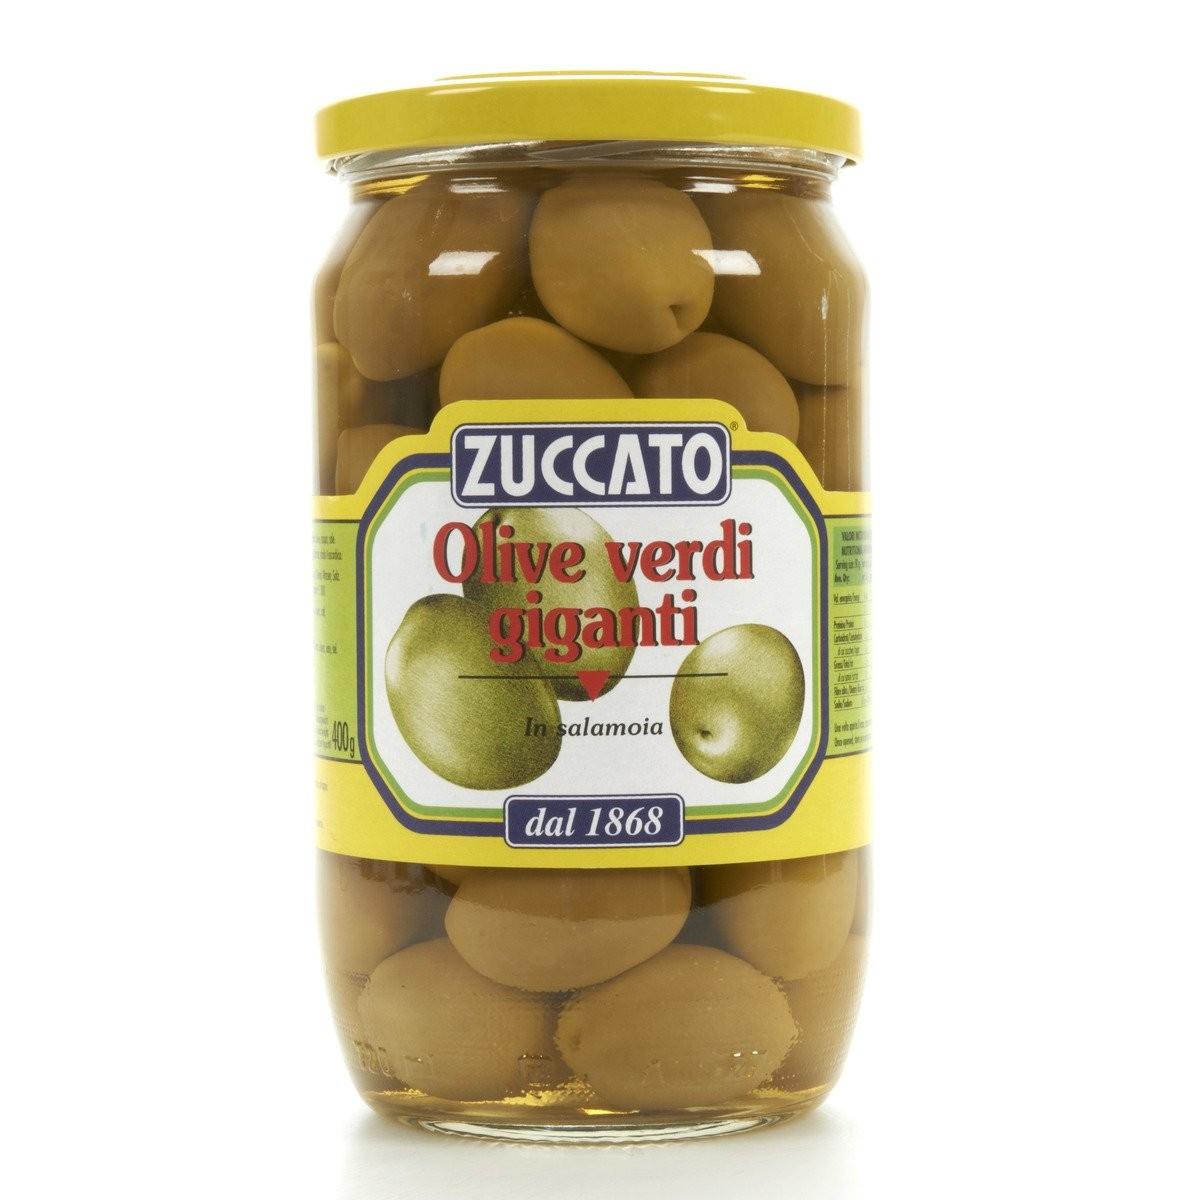 Zuccato Olive verdi giganti in salamoia